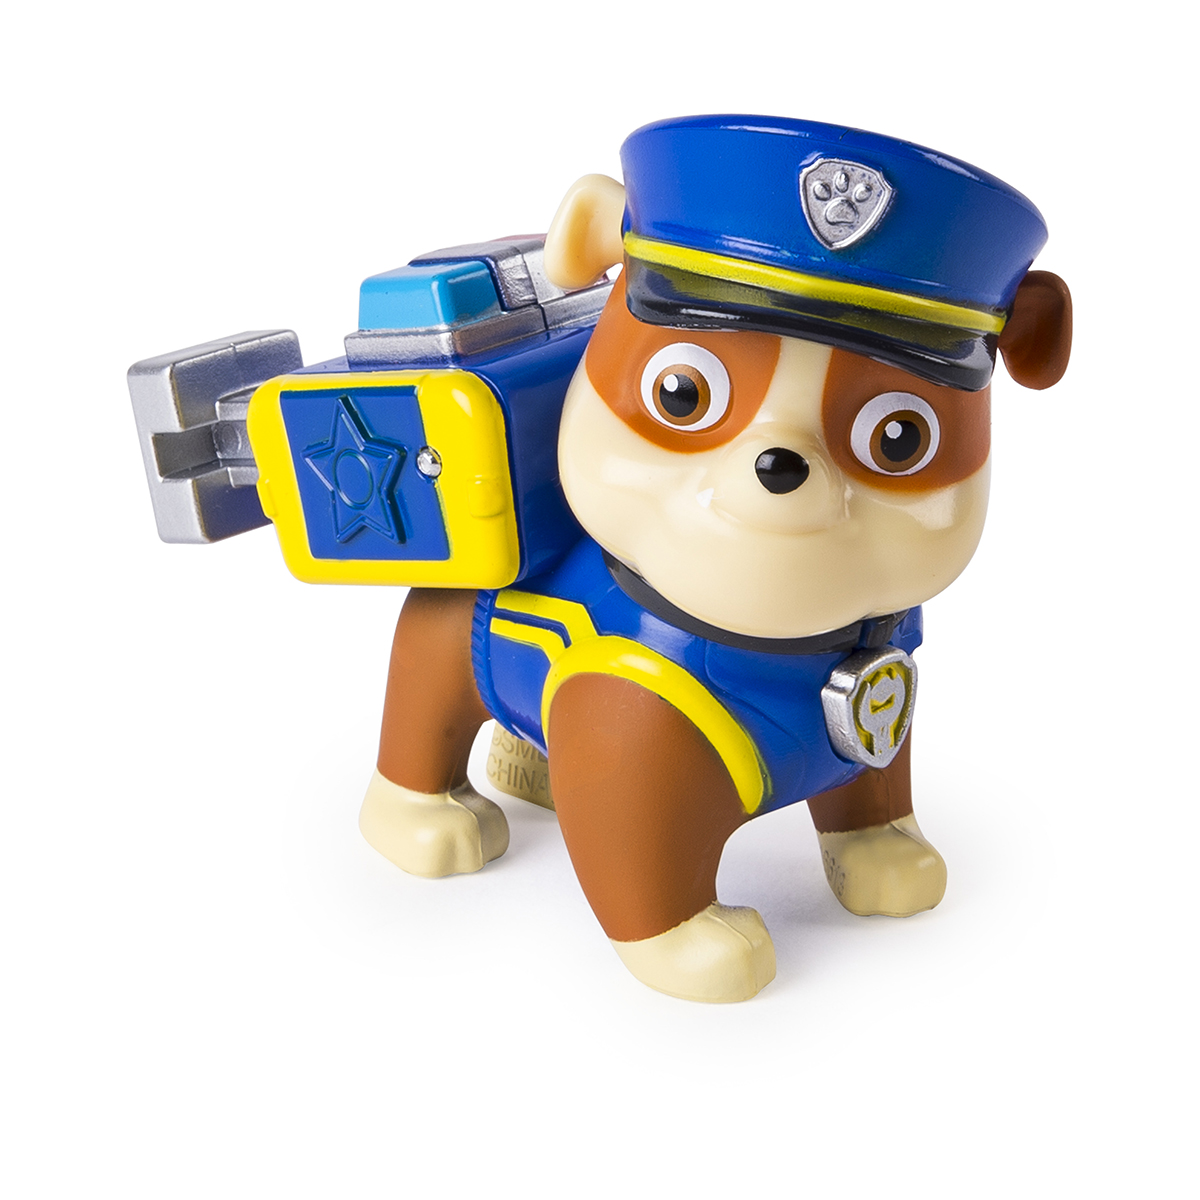 Figurina cu uniforma de politie Paw Patrol, Rubble (20107295)